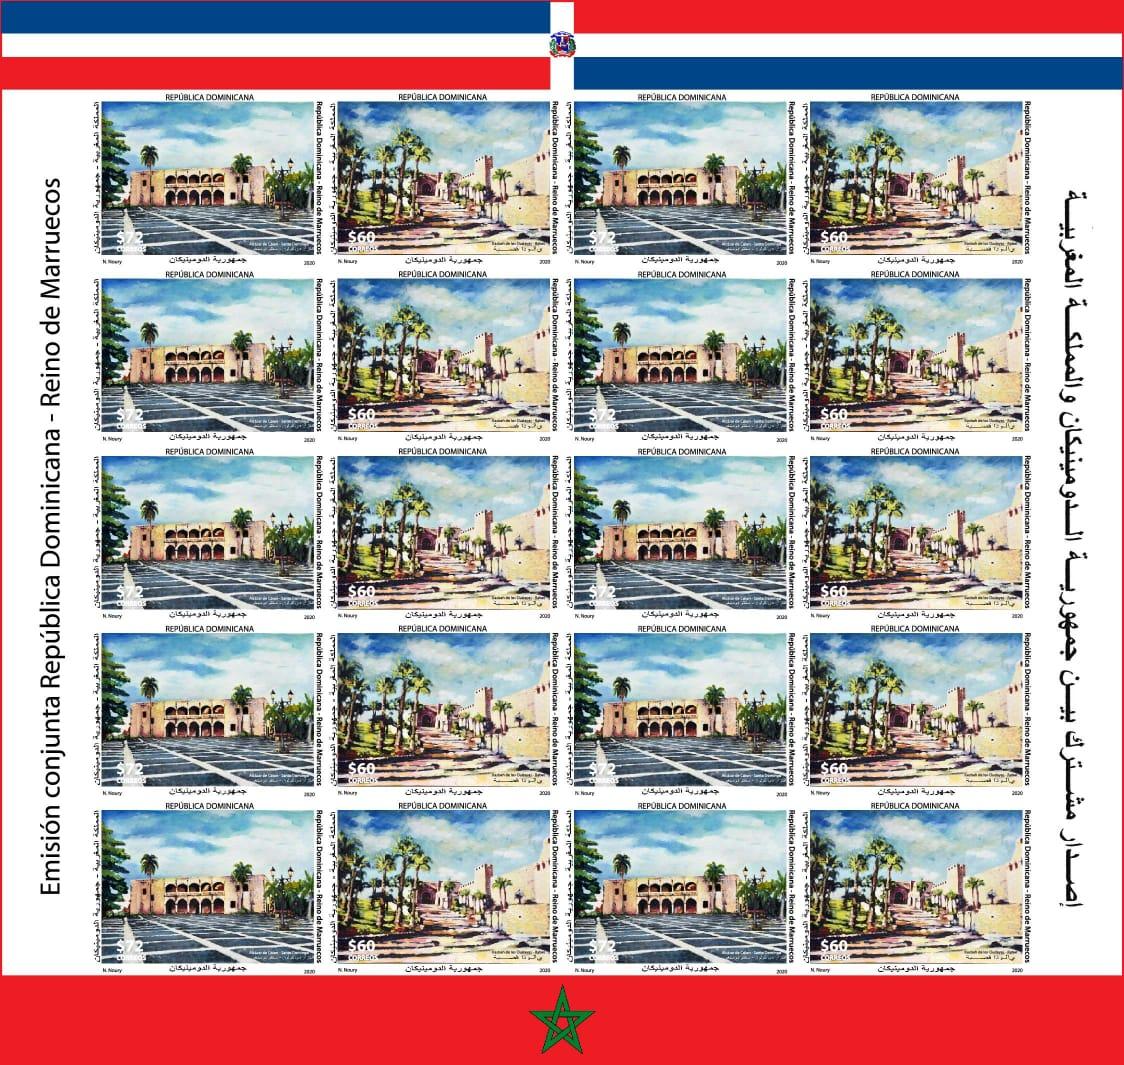 Lancement de timbres commémorant les 60 ans des relations entre le Maroc et la République Dominicaine